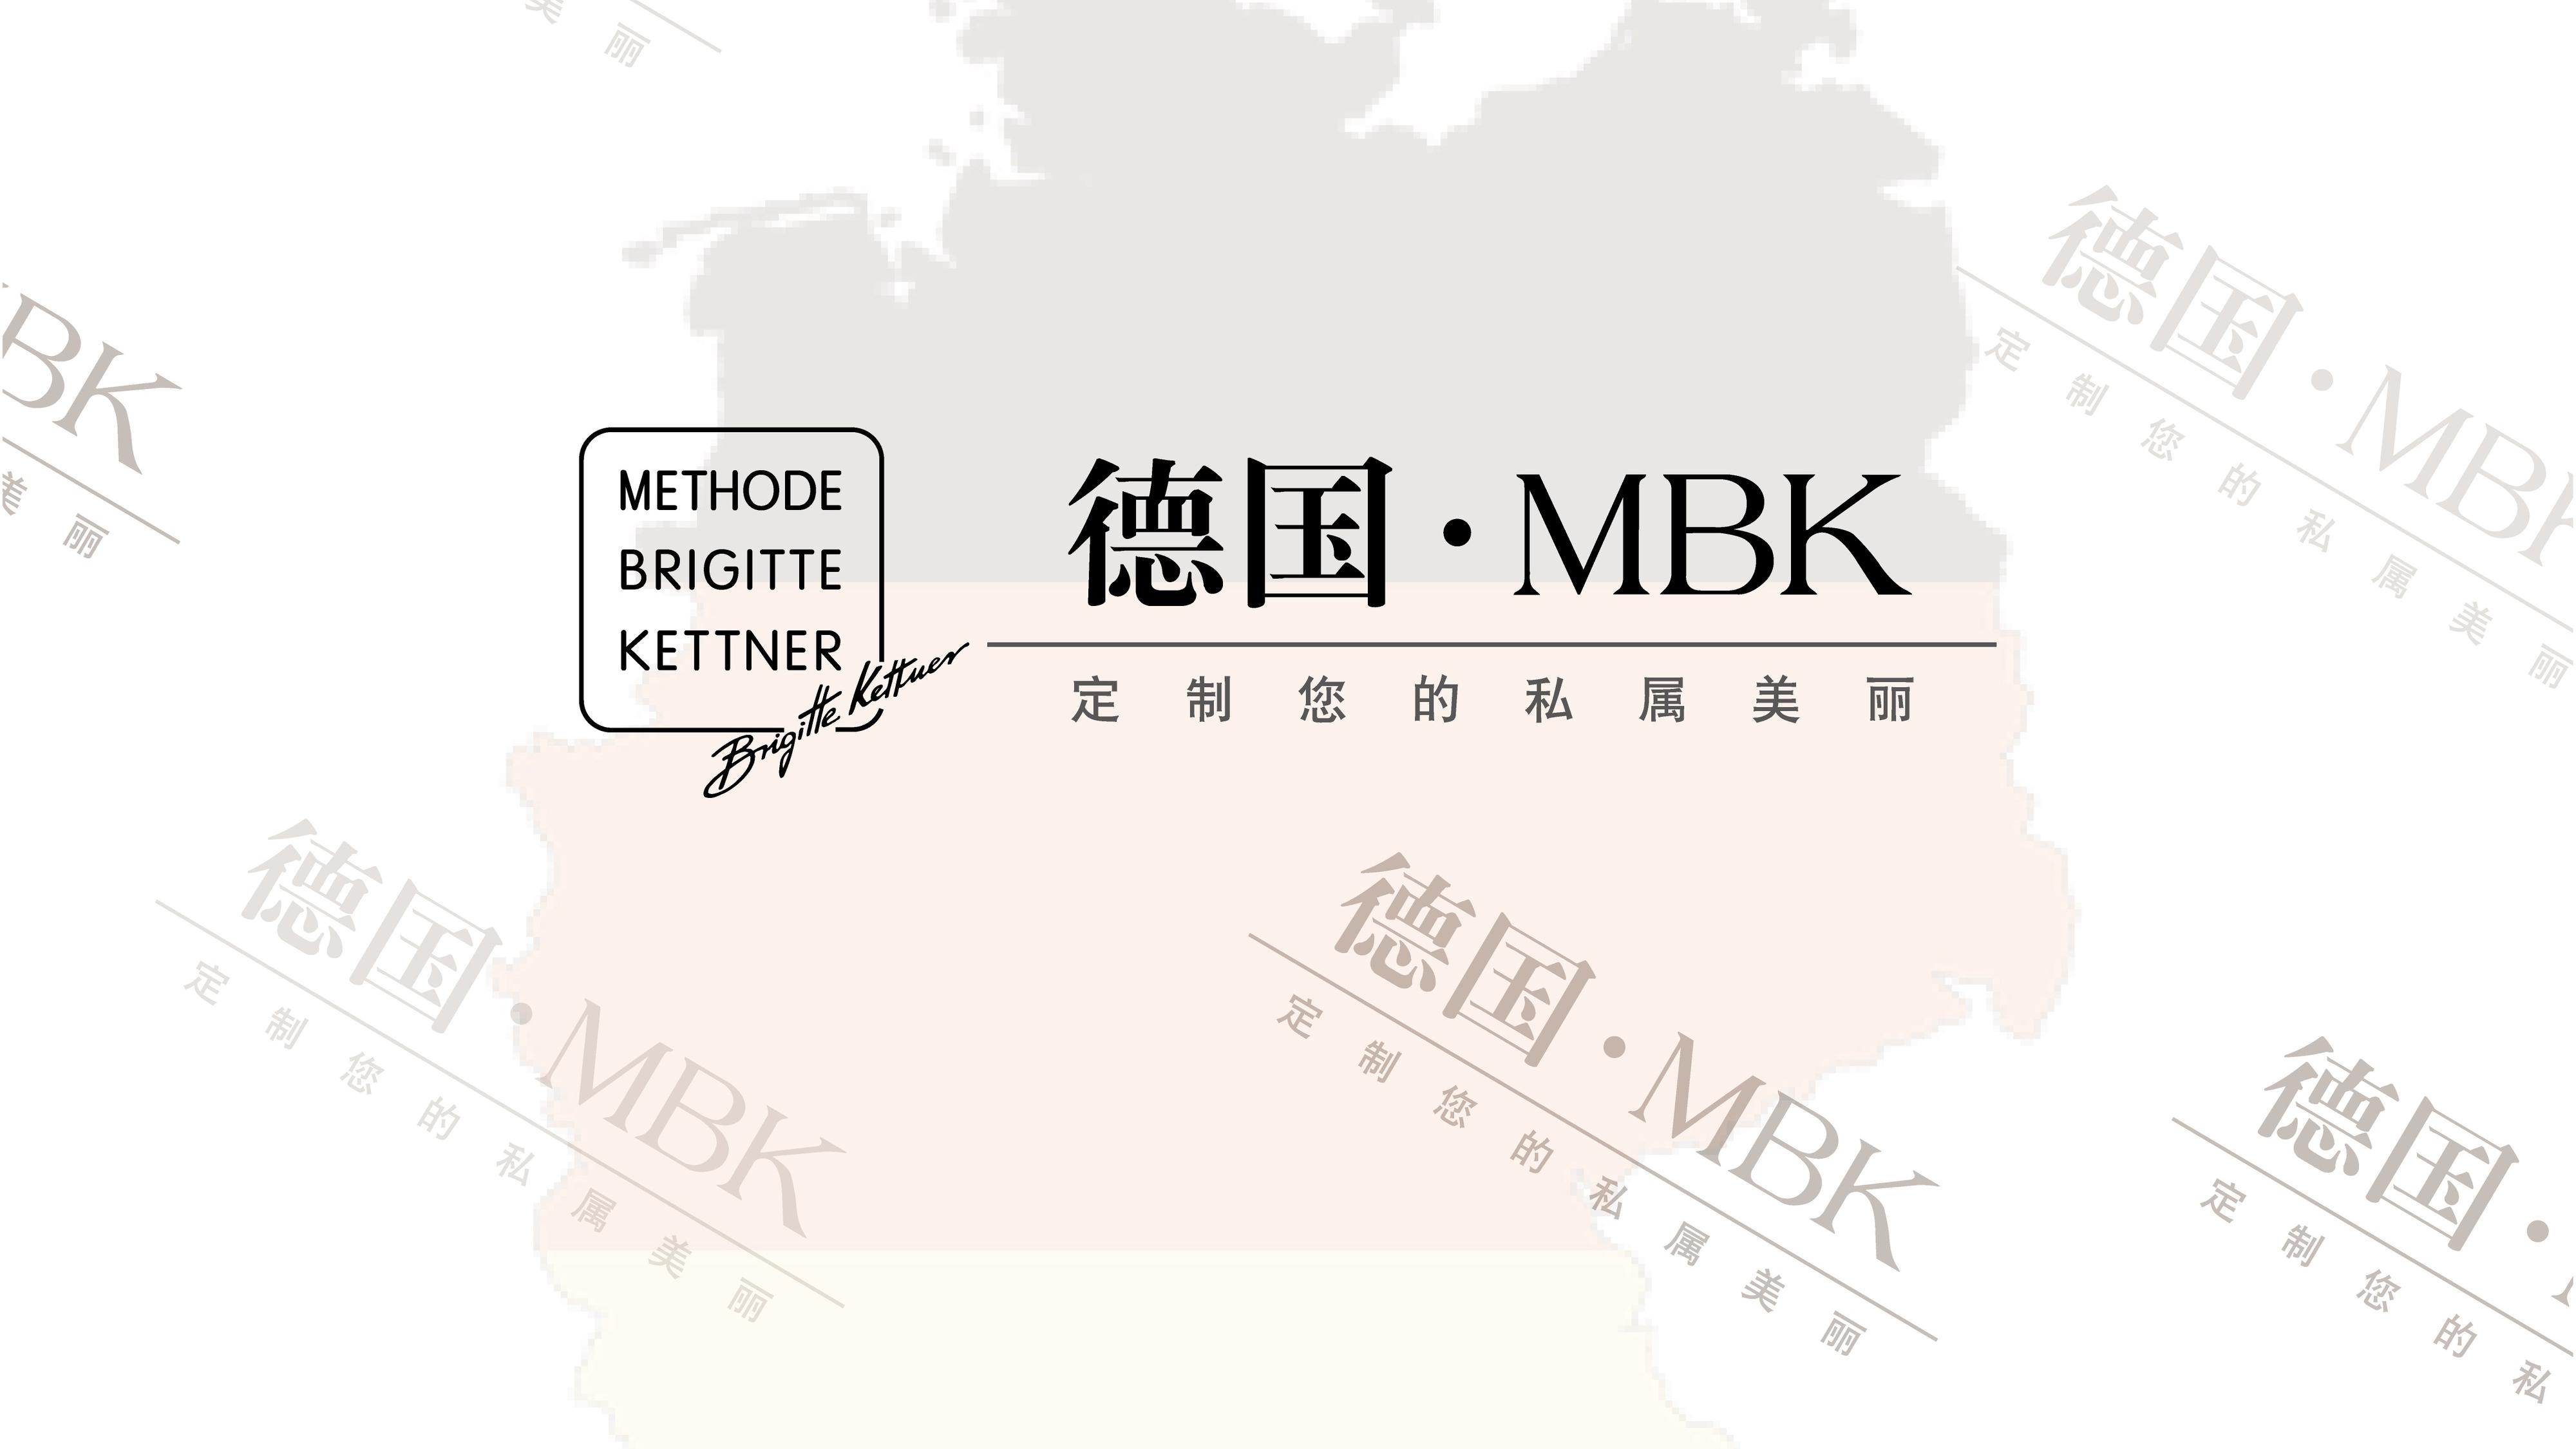 聚焦美业趋势,德国MBK为您捕捉美丽商机